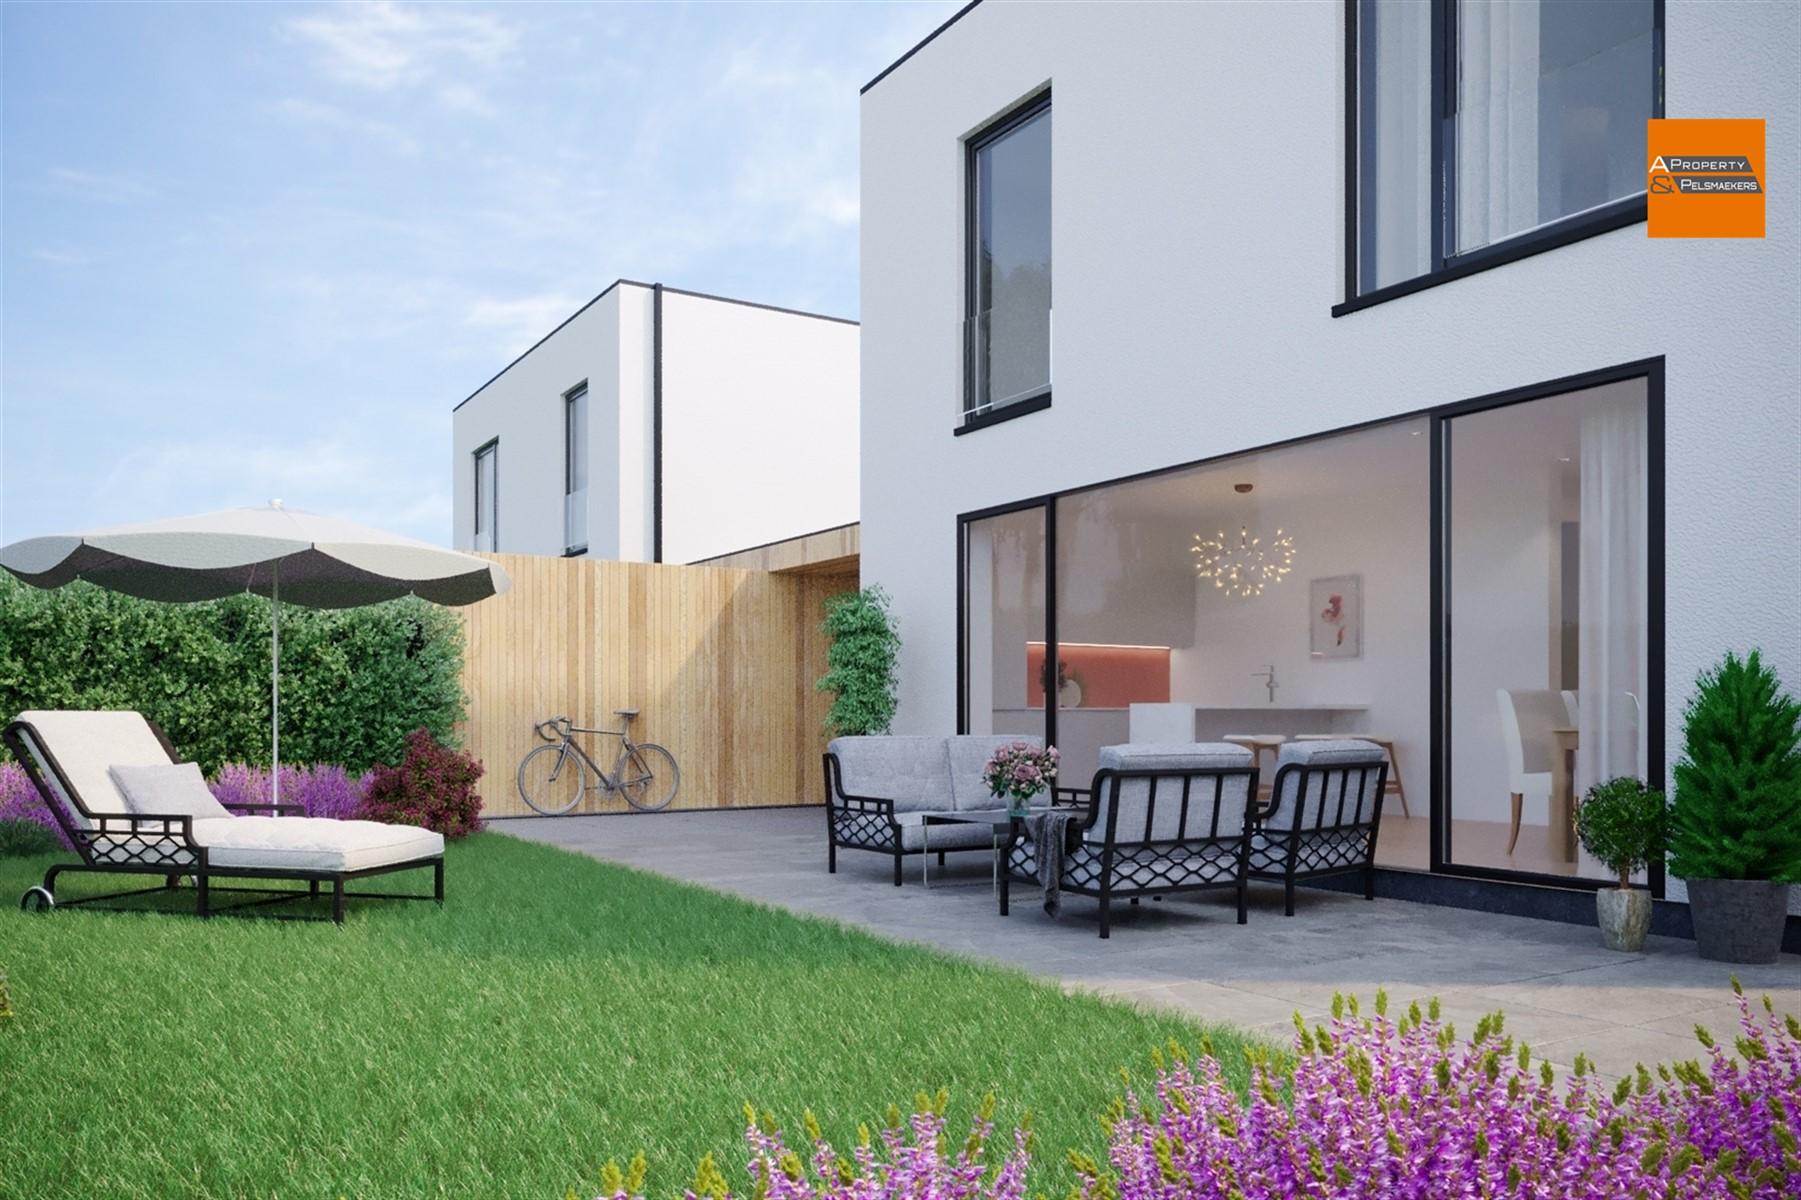 Foto 3 : Huis in 3078 MEERBEEK (België) - Prijs € 484.500